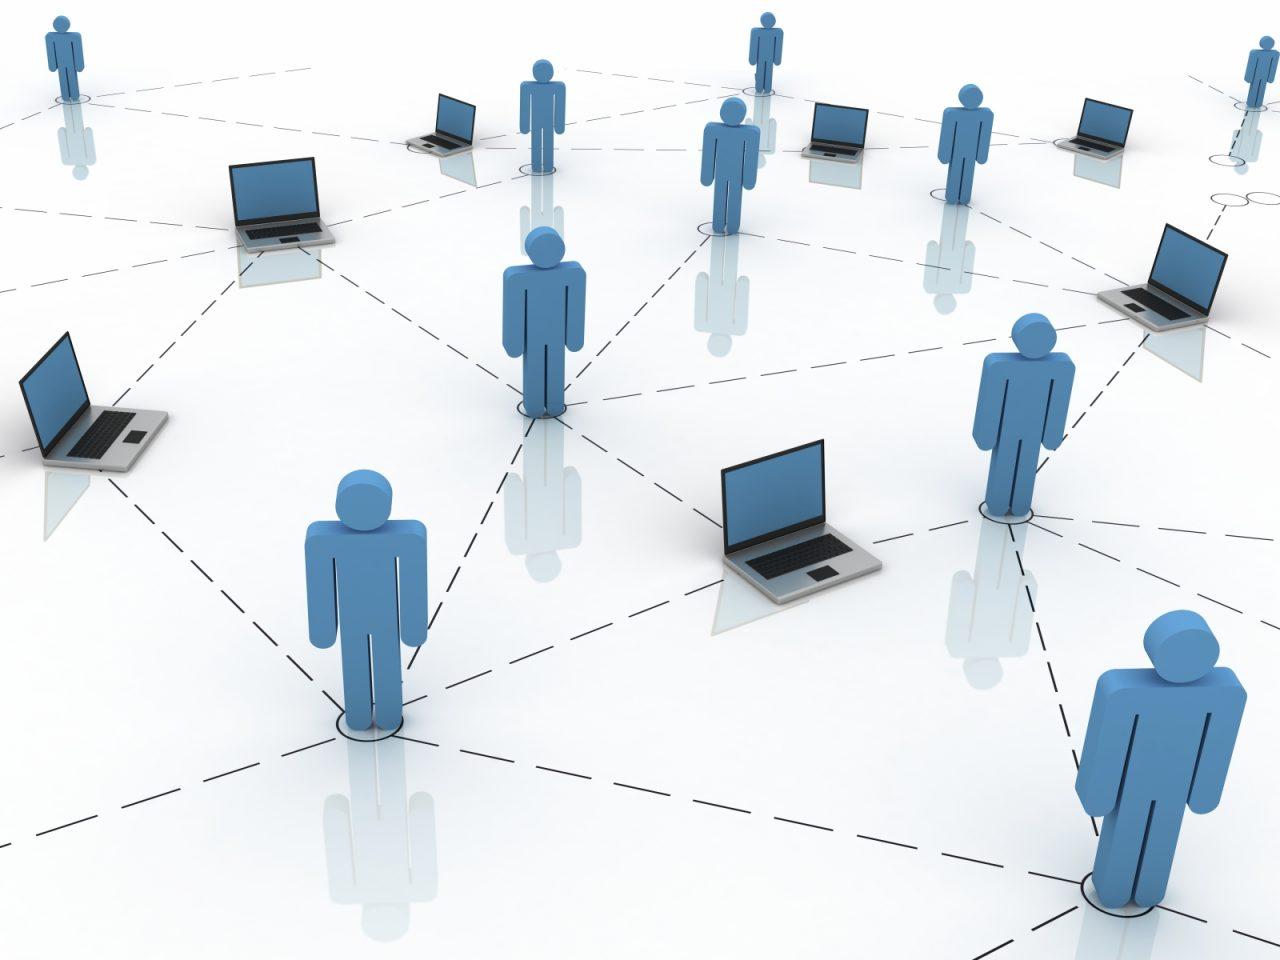 Интернет-коммуникация: проблемы реальной и виртуальной персоны 13